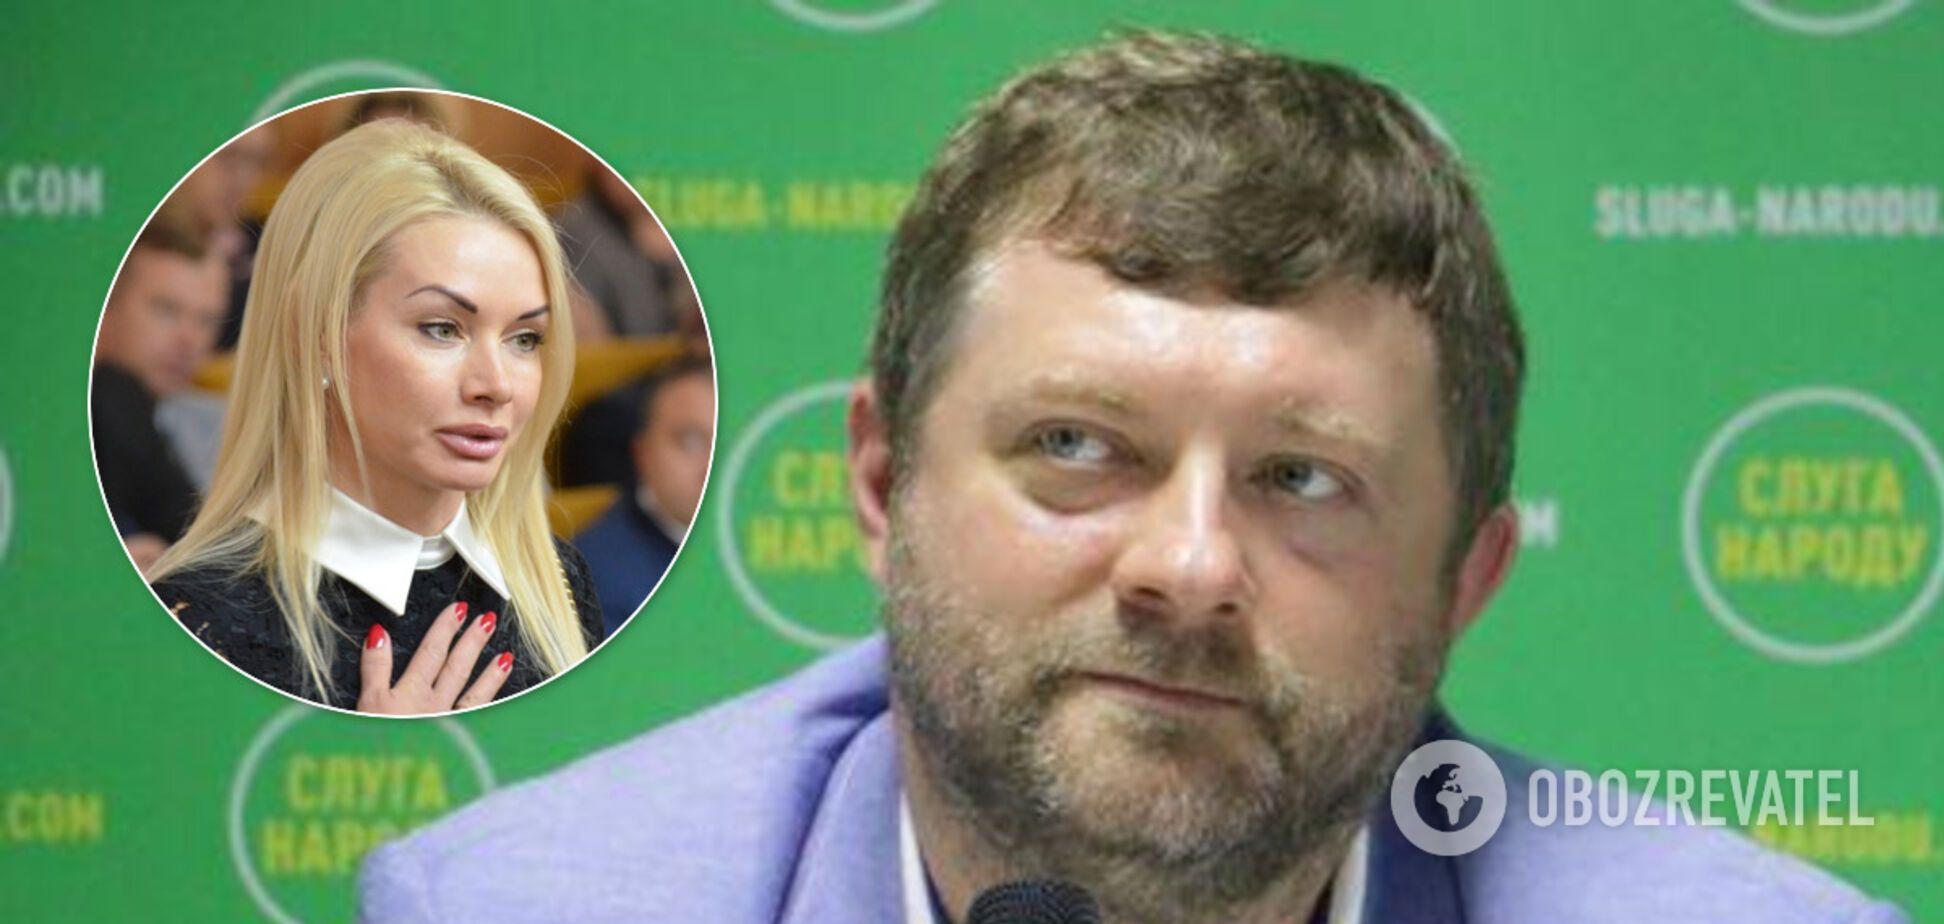 'Слуги народа' Аллахвердиева и Корниенко